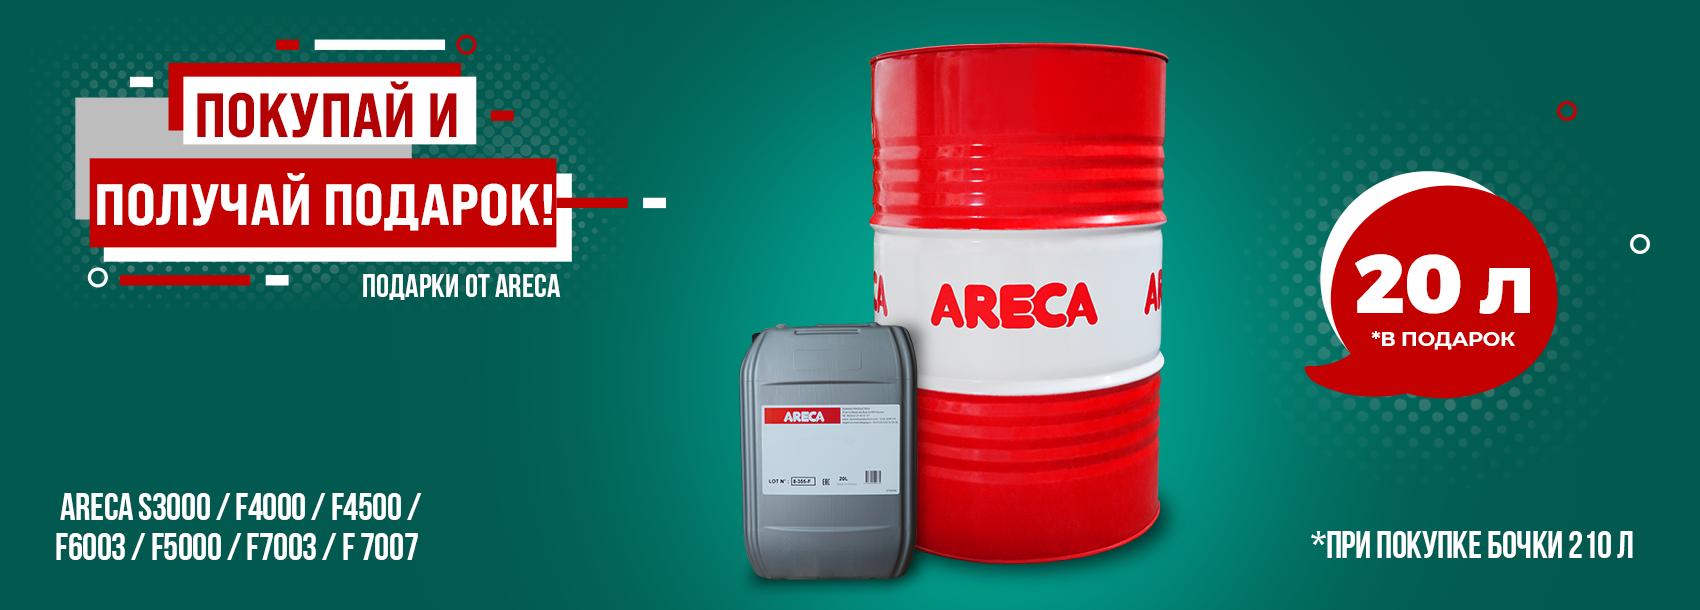 Покупай бочку ARECA и получай подарок!